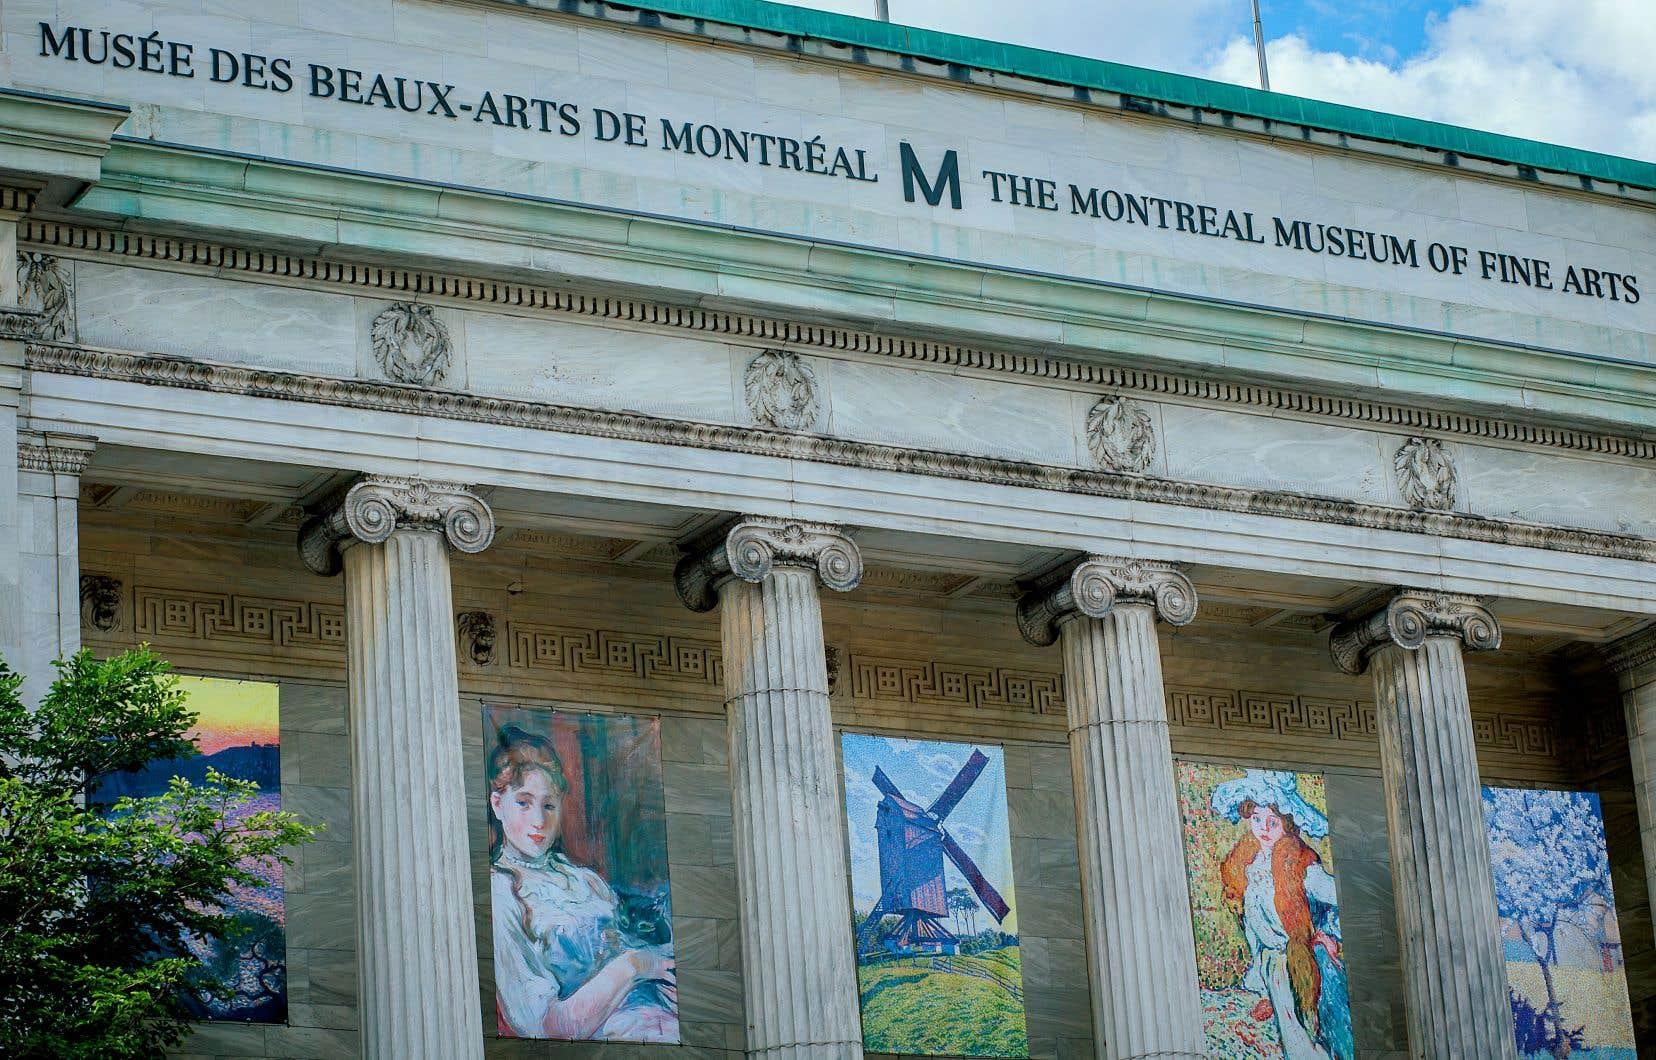 Le CA du Musée des beaux-arts de Montréal a mis fin, en juillet, au contrat de l'ex-directrice générale et conservatrice en chef Nathalie Bondil. Une décision fort médiatisée, qui continue de soulever les passions.